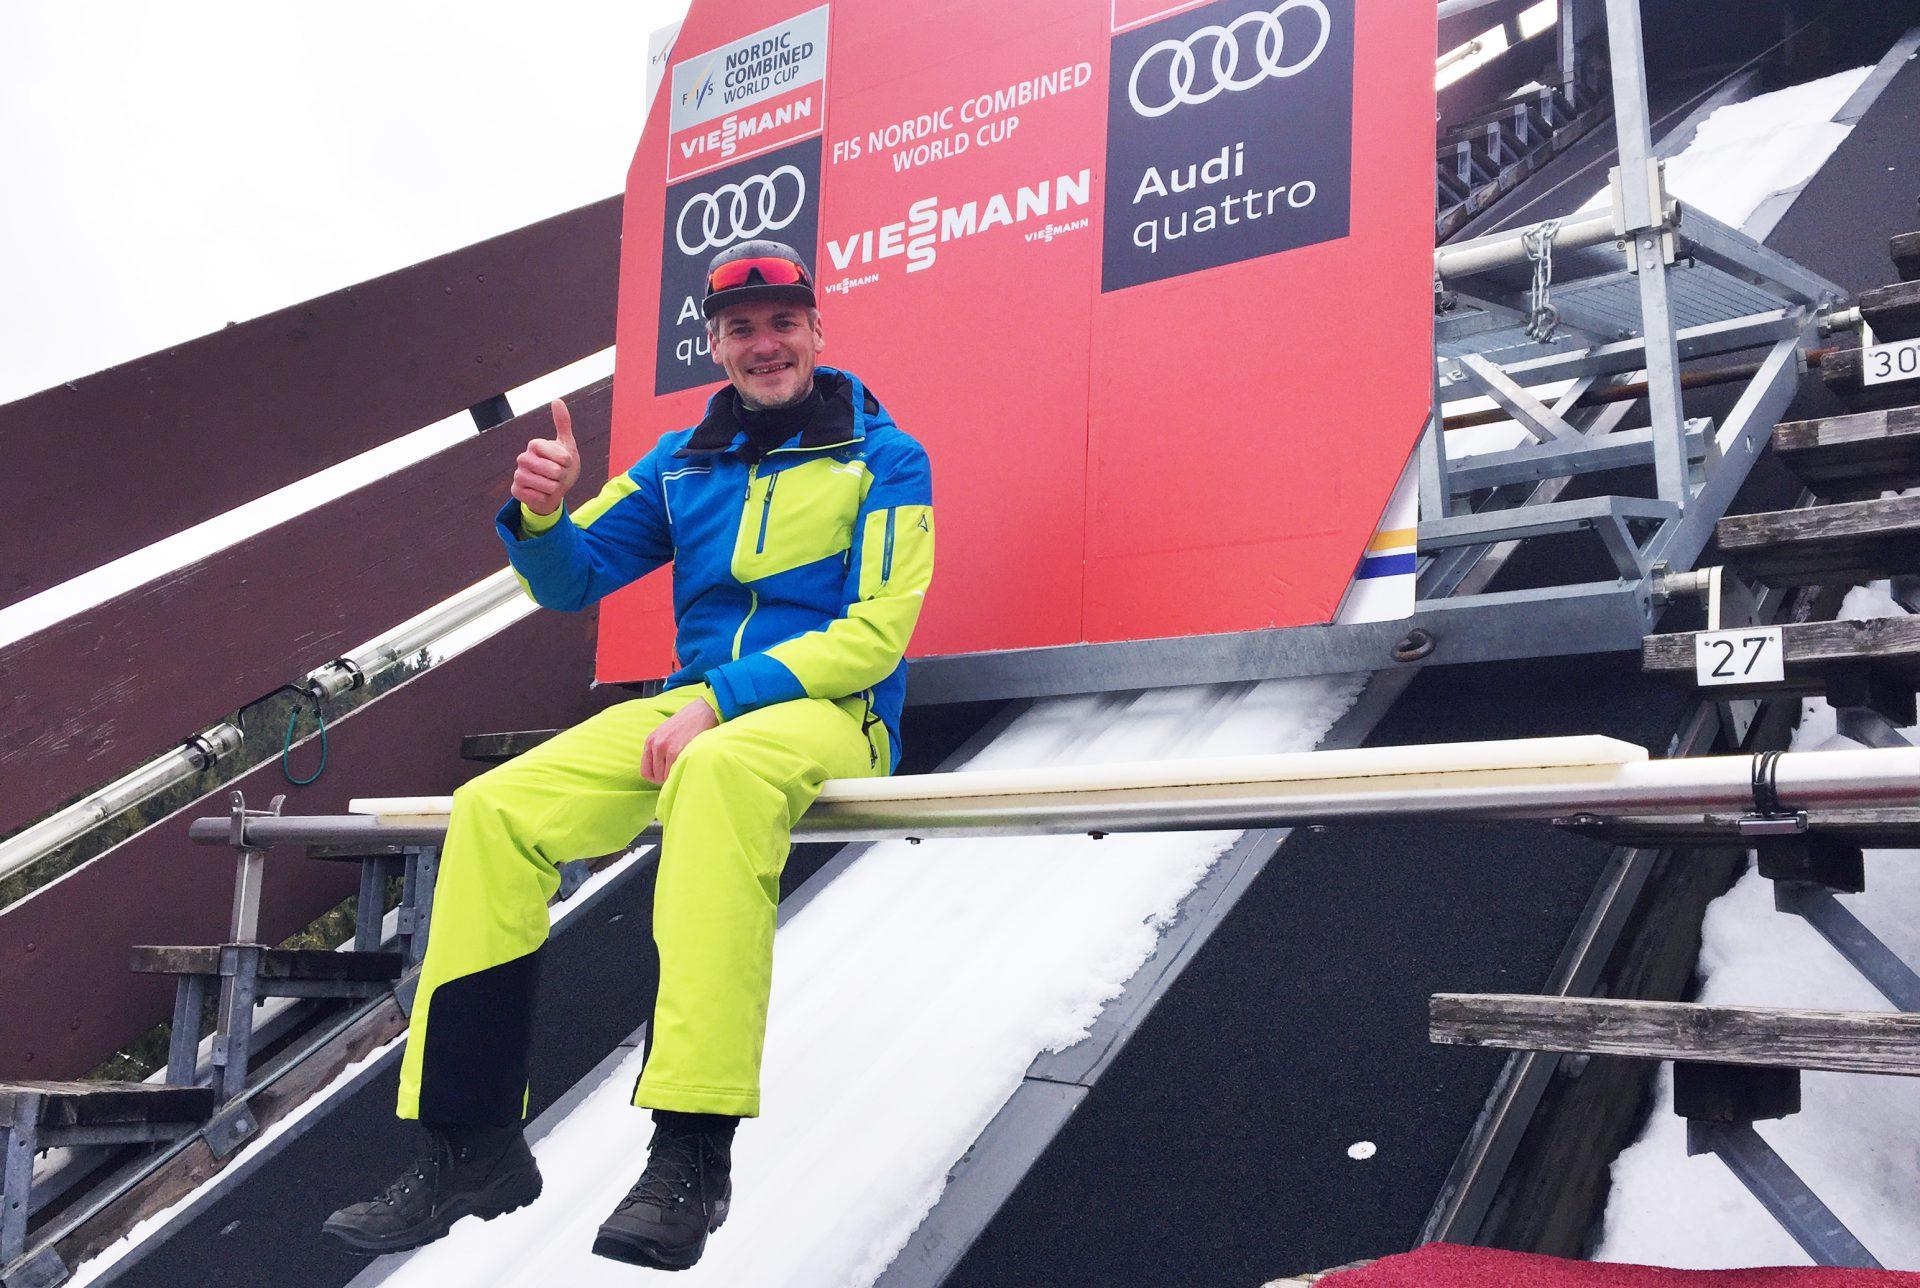 Stefan Lubowitzki ist Moderator beim Weltcup in Schonach. Hier sitzt er auf dem Balken der Langenwaldschanze.